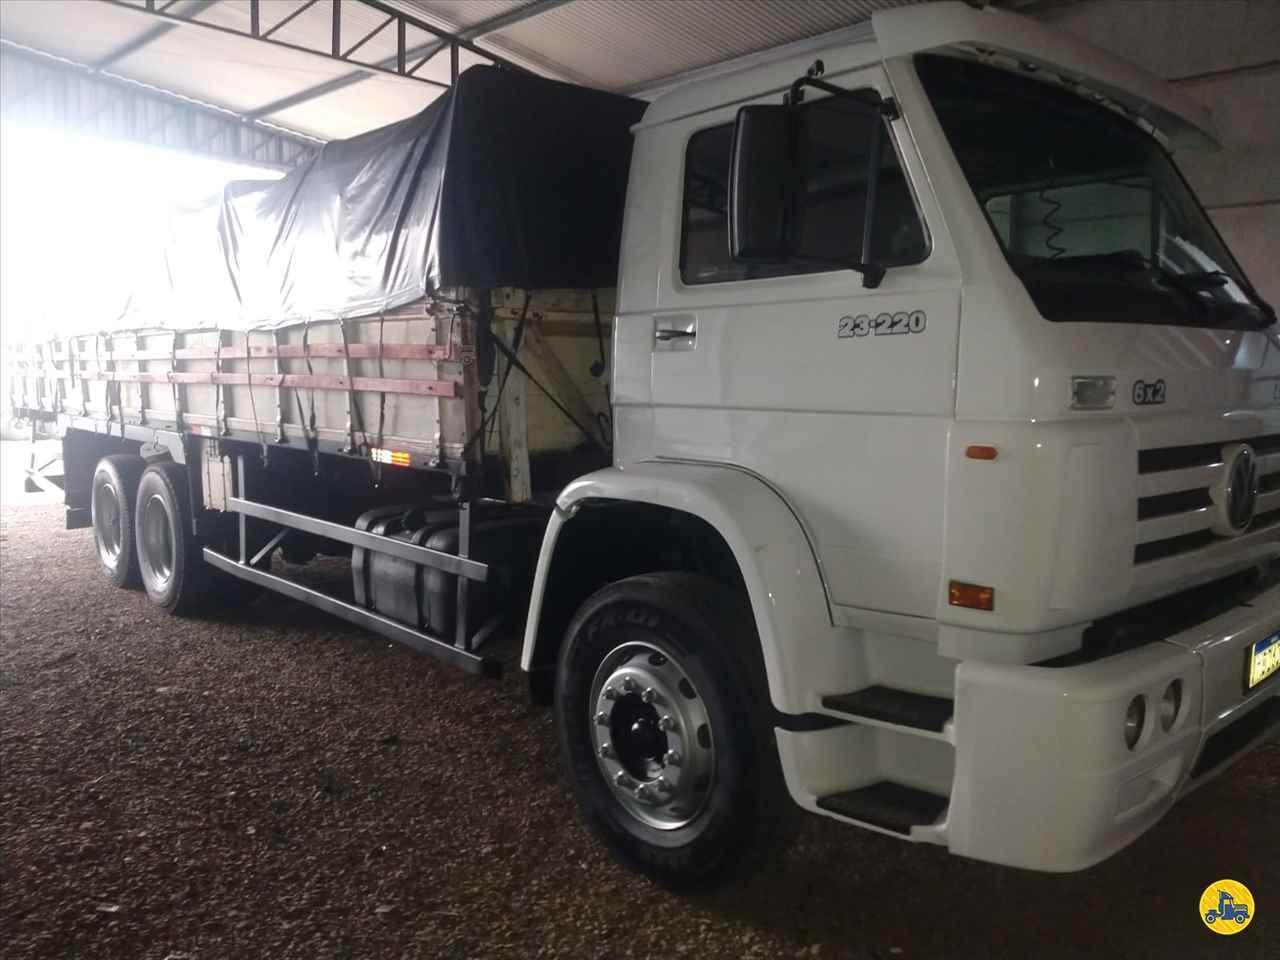 CAMINHAO VOLKSWAGEN VW 23220 Graneleiro Truck 6x2 Transmap Caminhões SANTA ROSA RIO GRANDE DO SUL RS